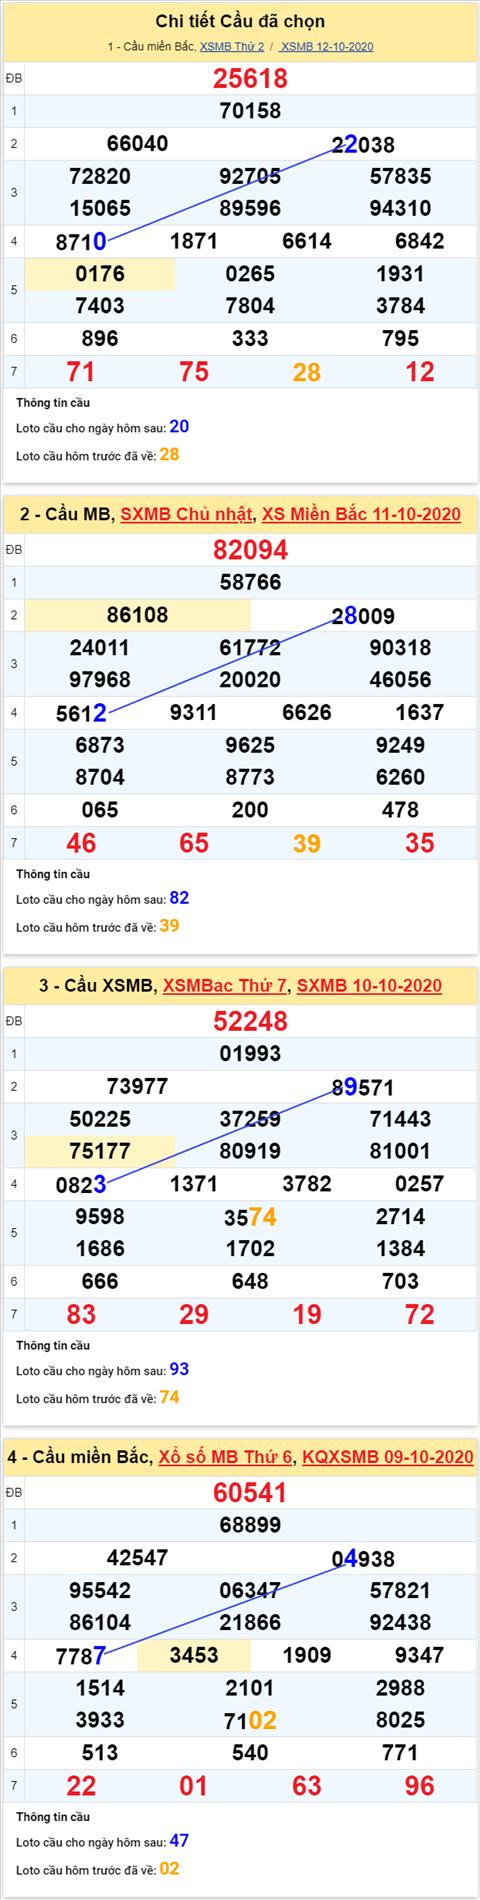 Thong ke XSMB 13102020 - Phan tich xo so Mien Bac 13-10 thu 3 hinh anh 4